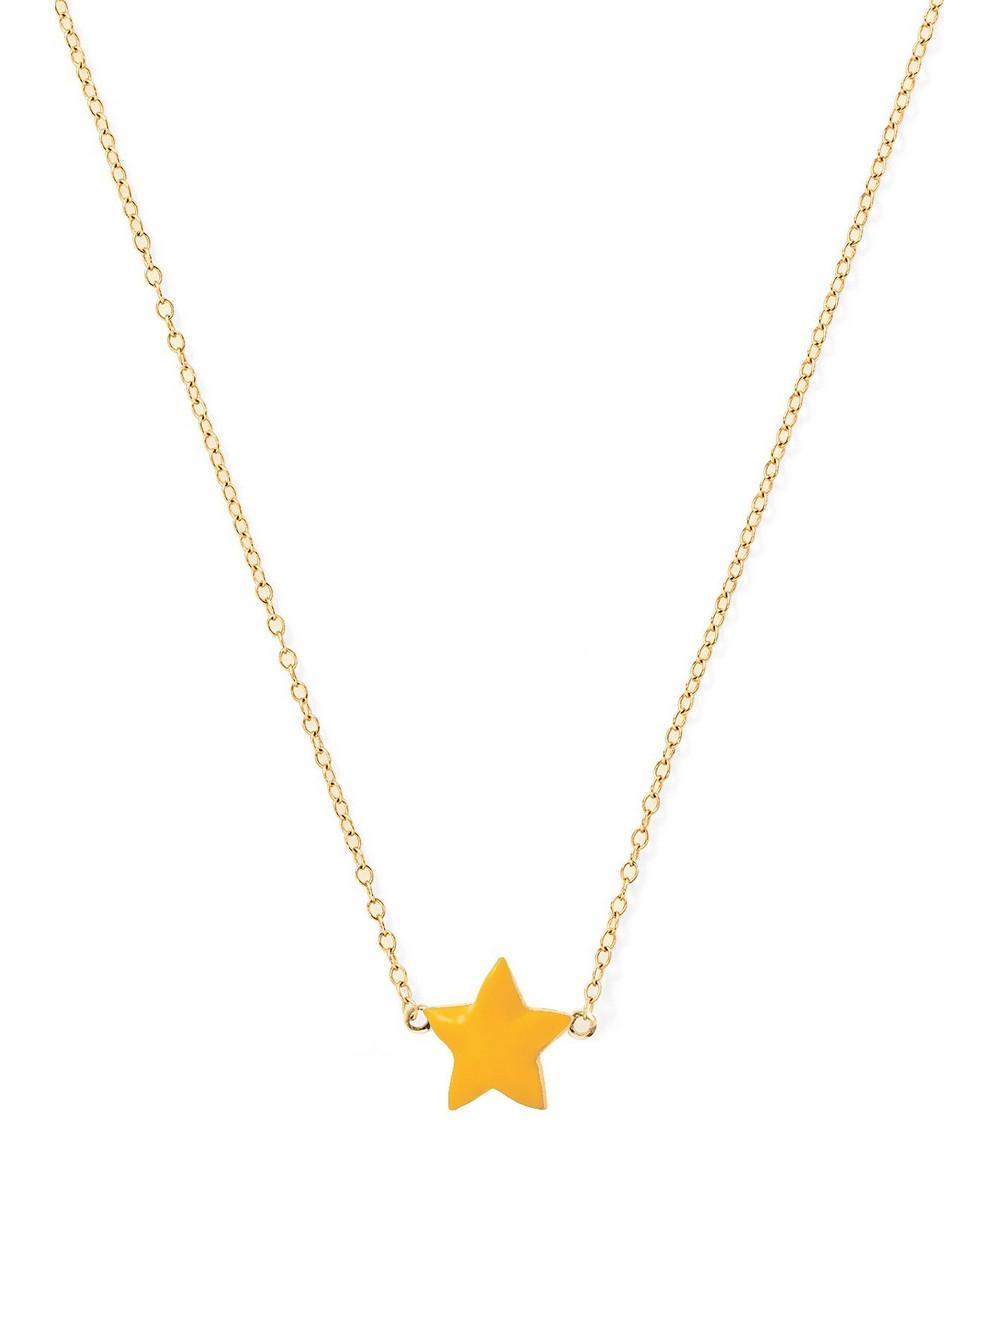 Enamel Star Necklace Item # ALSP42Y